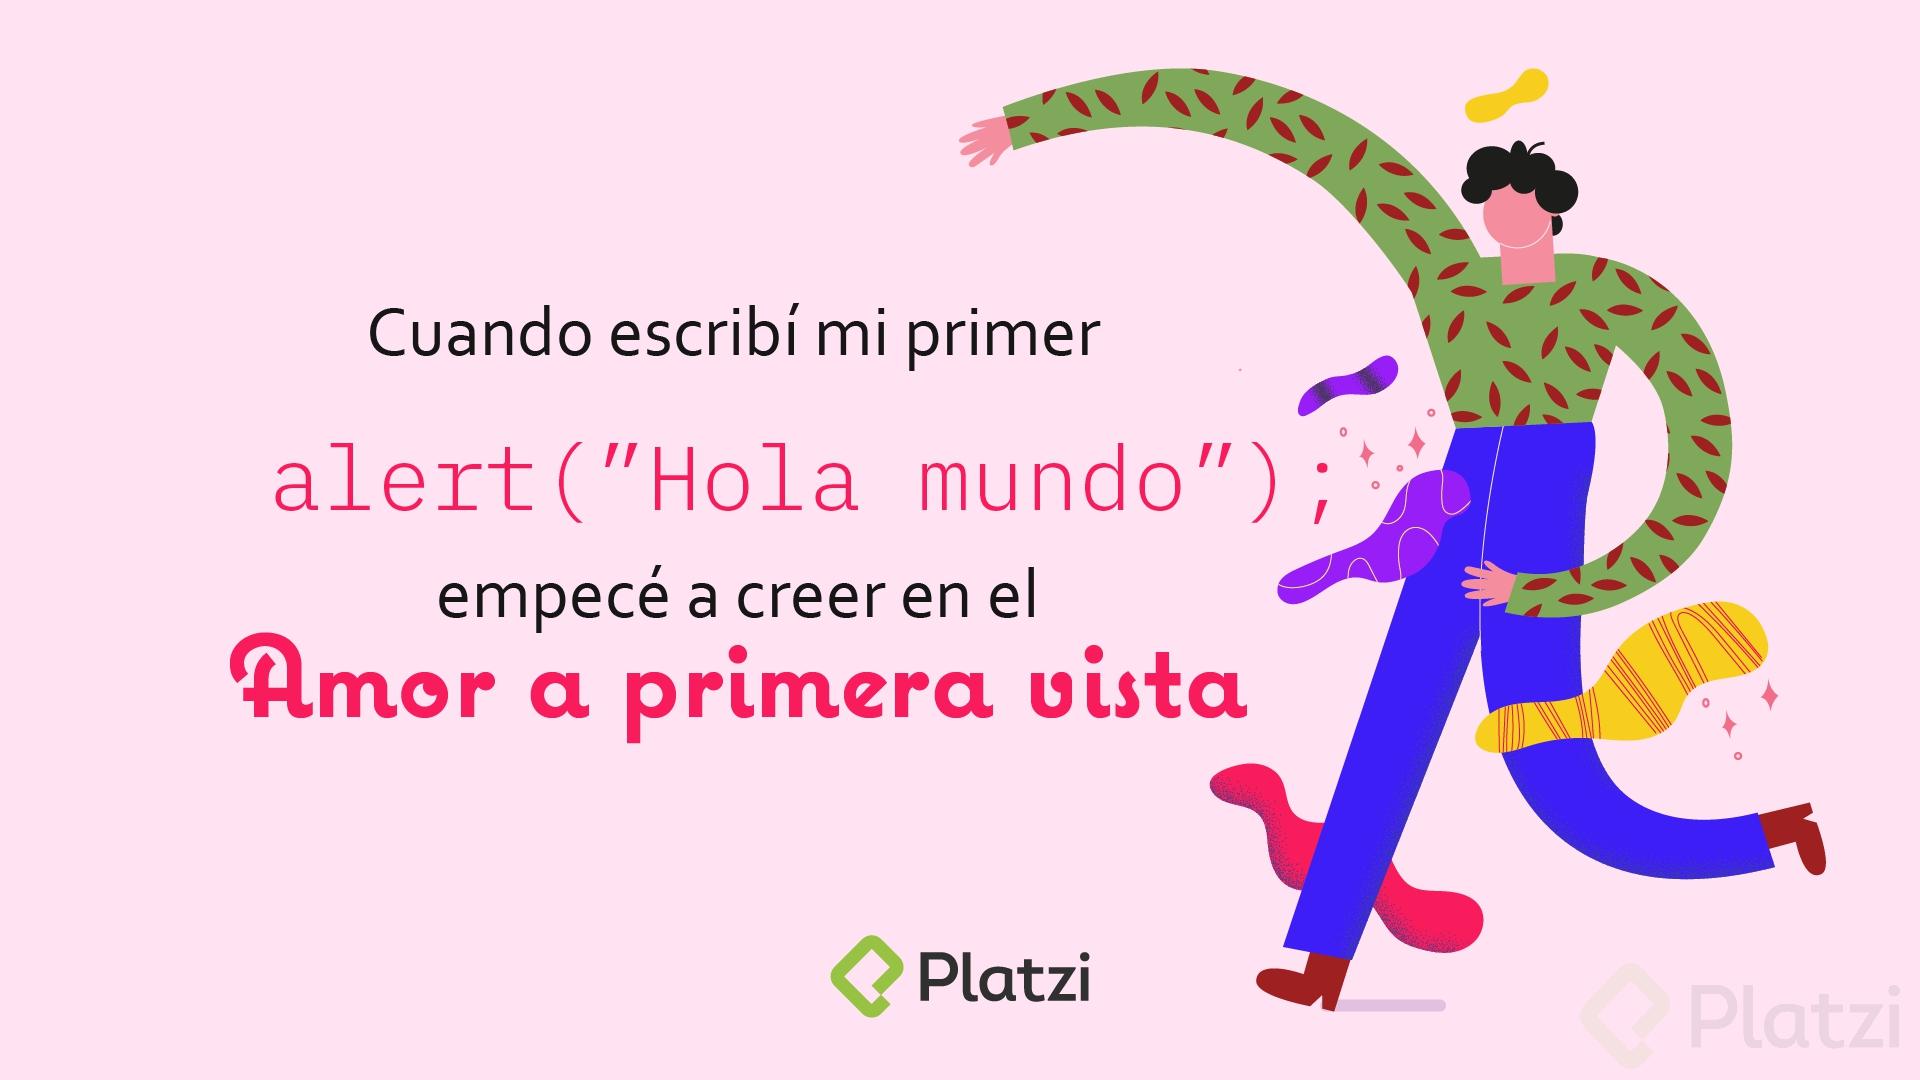 frase4.png